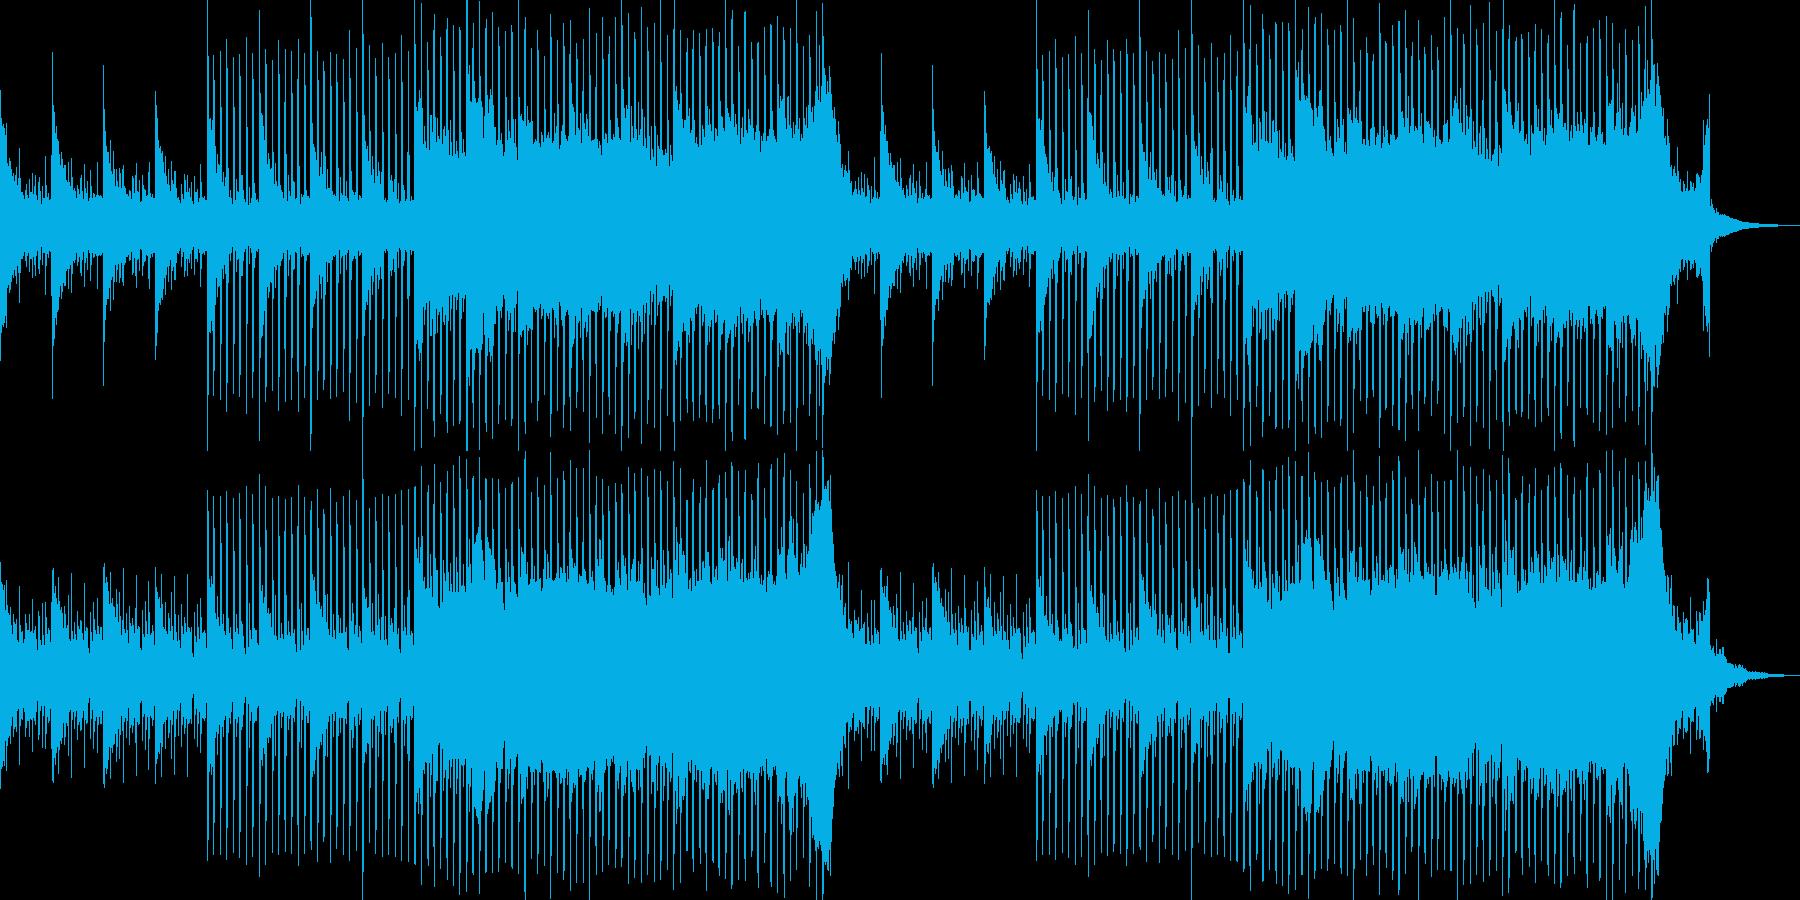 企業VP系29、爽やかギター4つ打ち8aの再生済みの波形